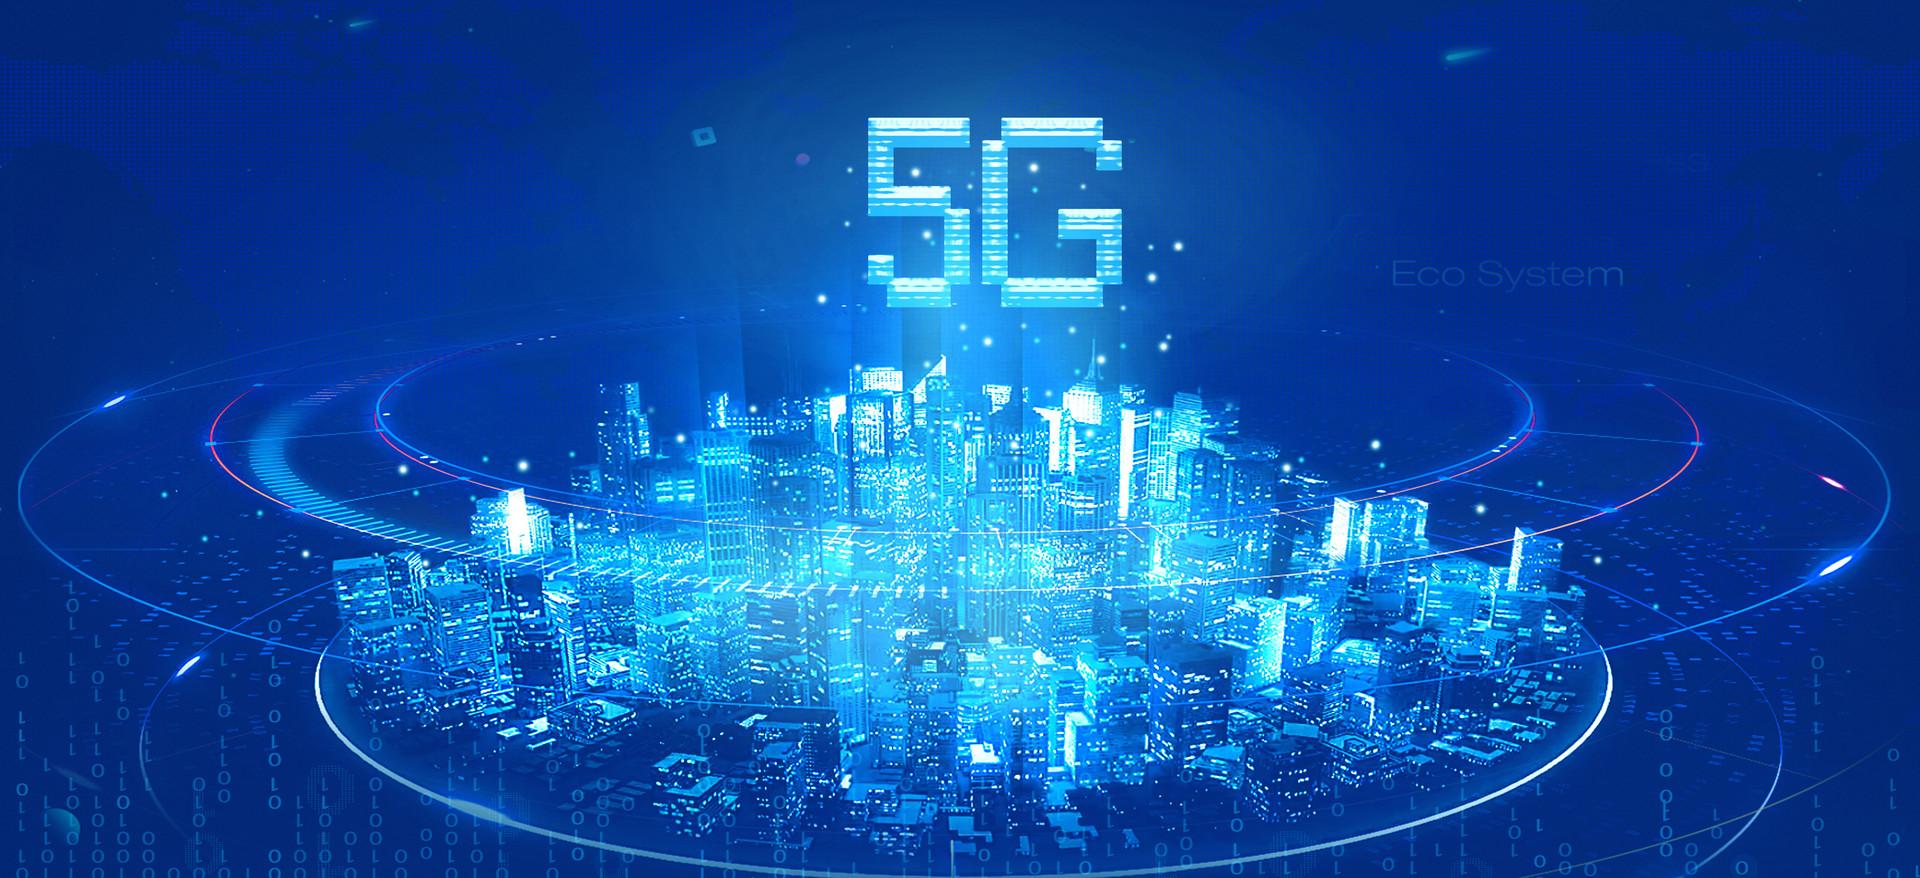 2019年中国国际信息通信展即将开展 5G将成热点